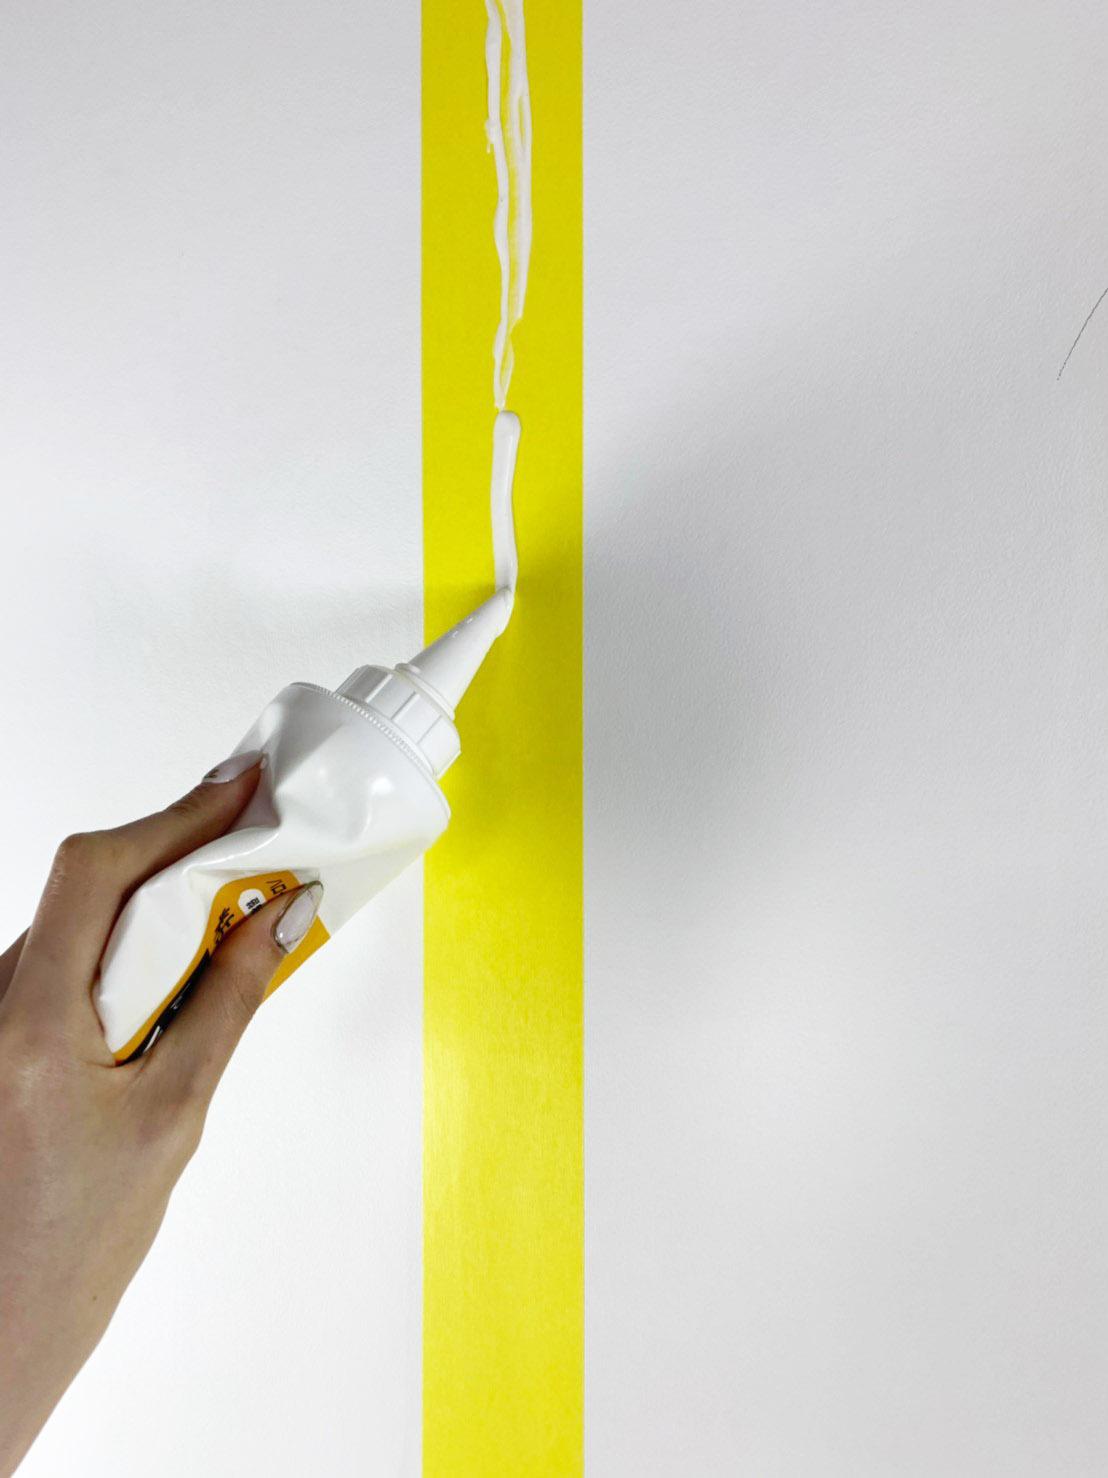 のりのチューブの先端を3mm程斜めにカットし、切り口を壁に沿わせてのりを塗っていきます。のイメージ2